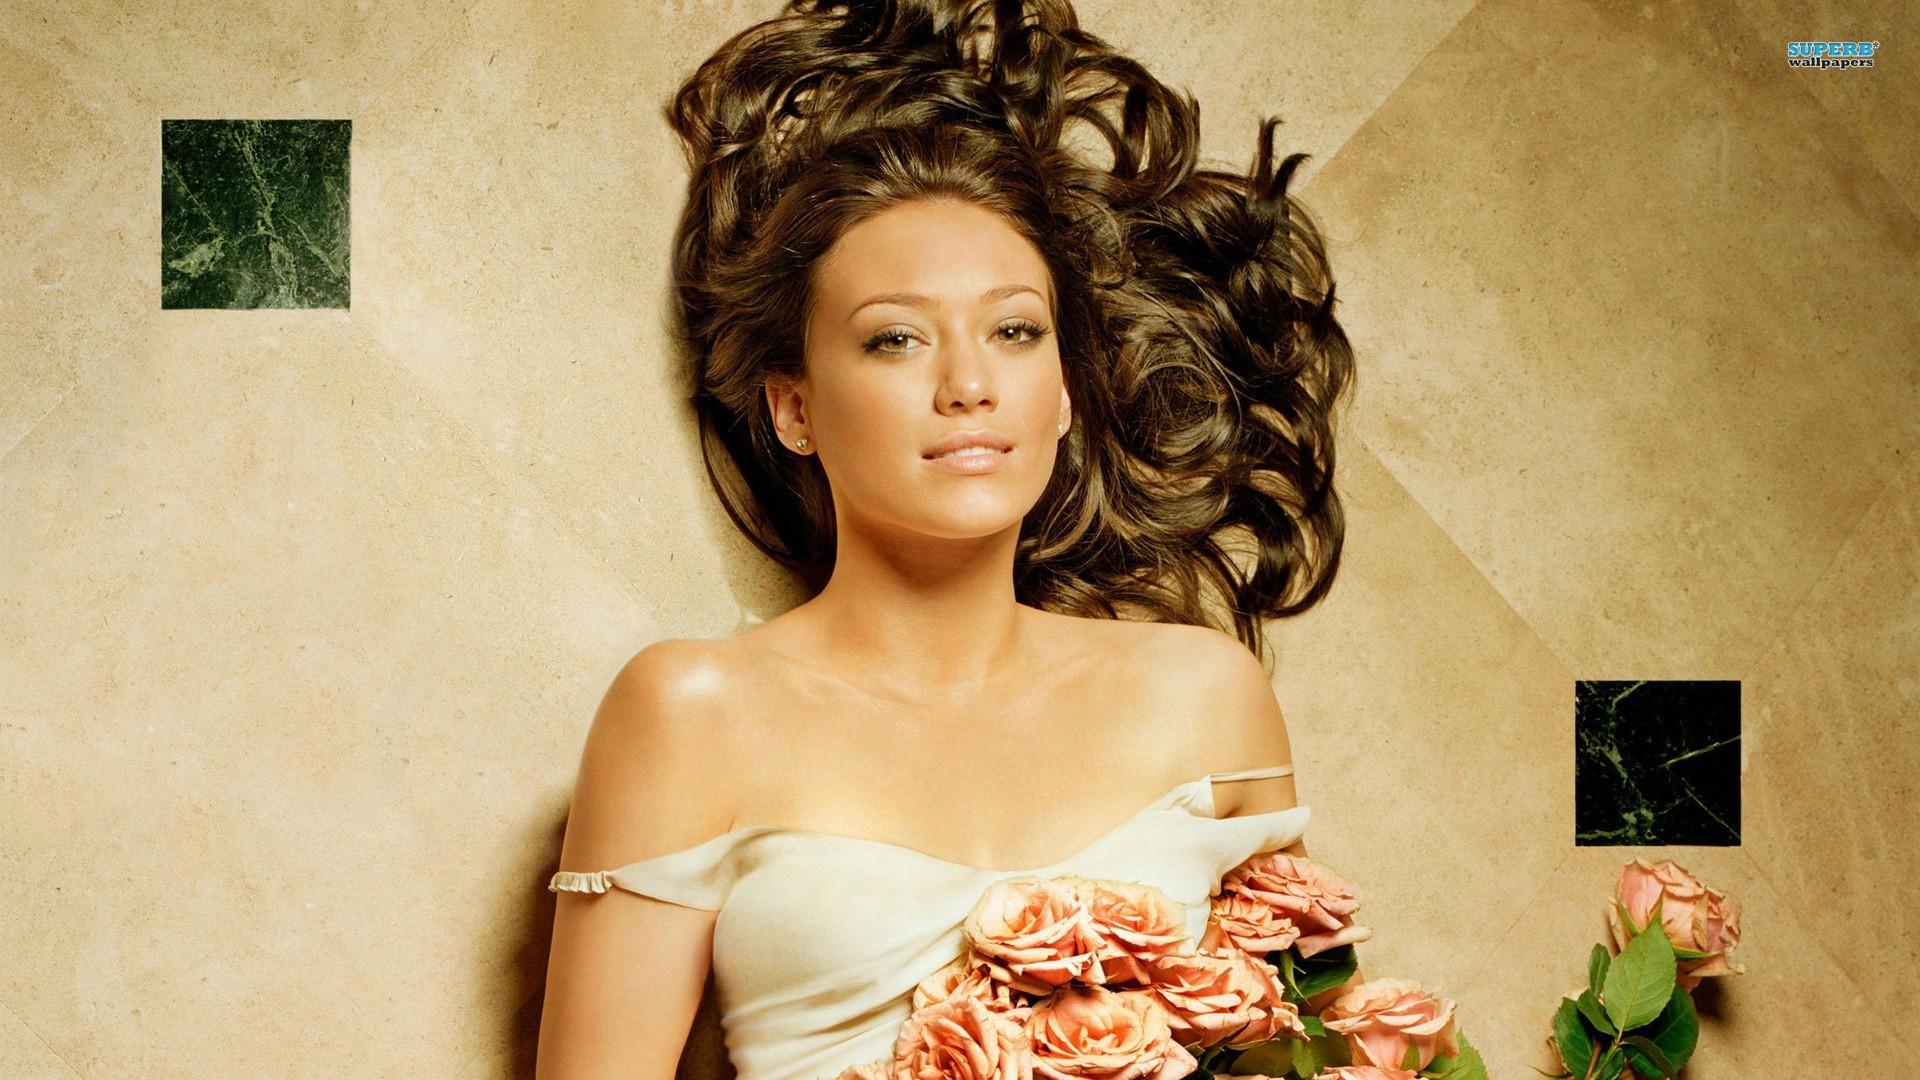 Wallpaper : model, flowers, long hair, brunette, bare shoulders ...